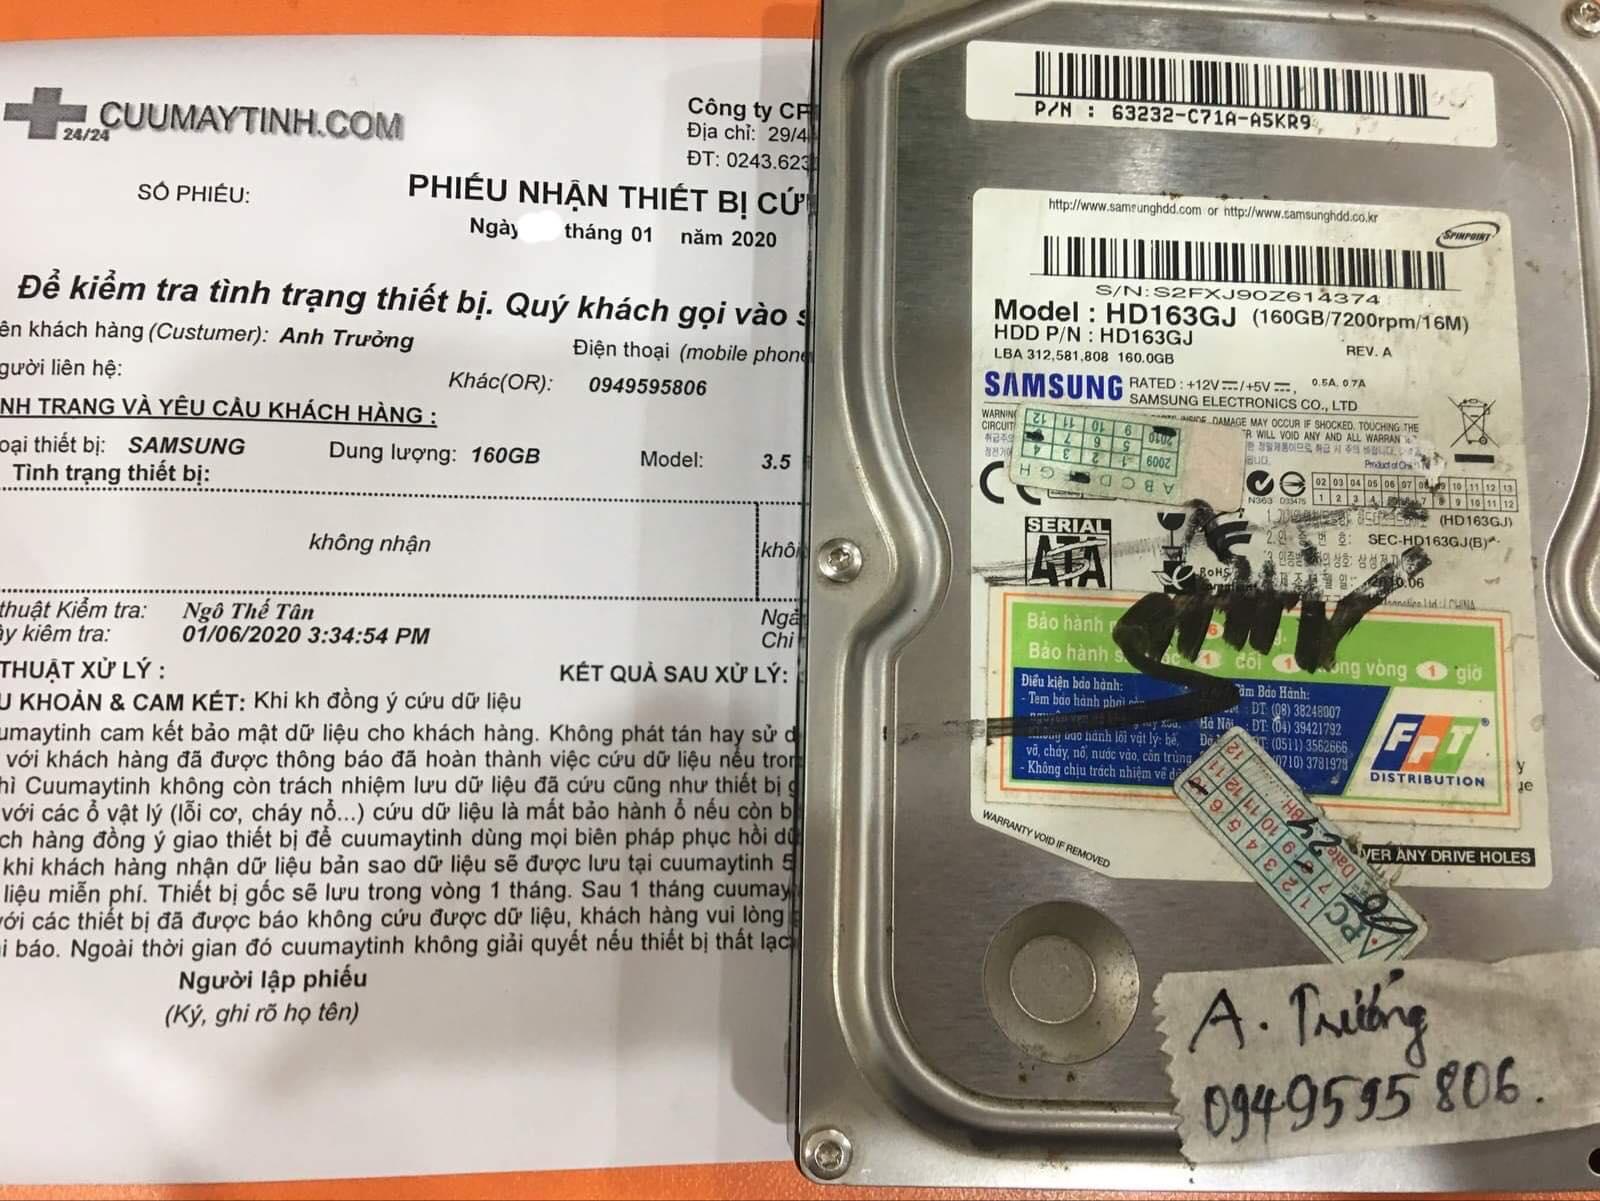 Khôi phục dữ liệu ổ cứng Samsung 160GB không nhận 07/01/2020 - cuumaytinh